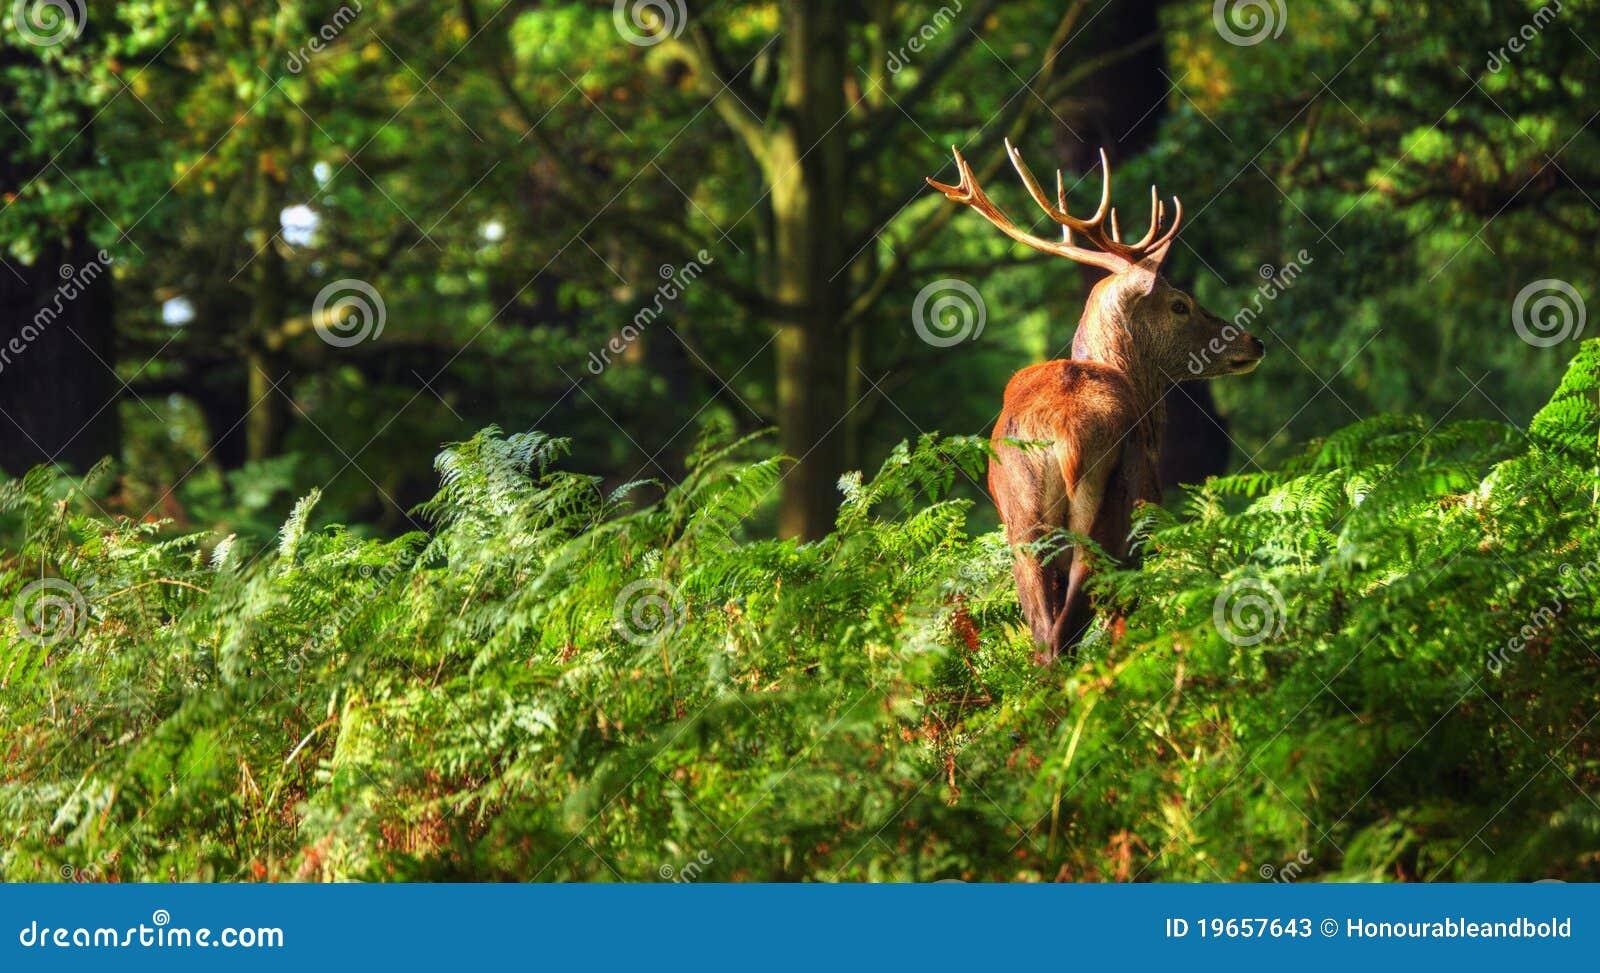 Landscaping Ties Red Deer : Red deer stag during rut season stock photos image